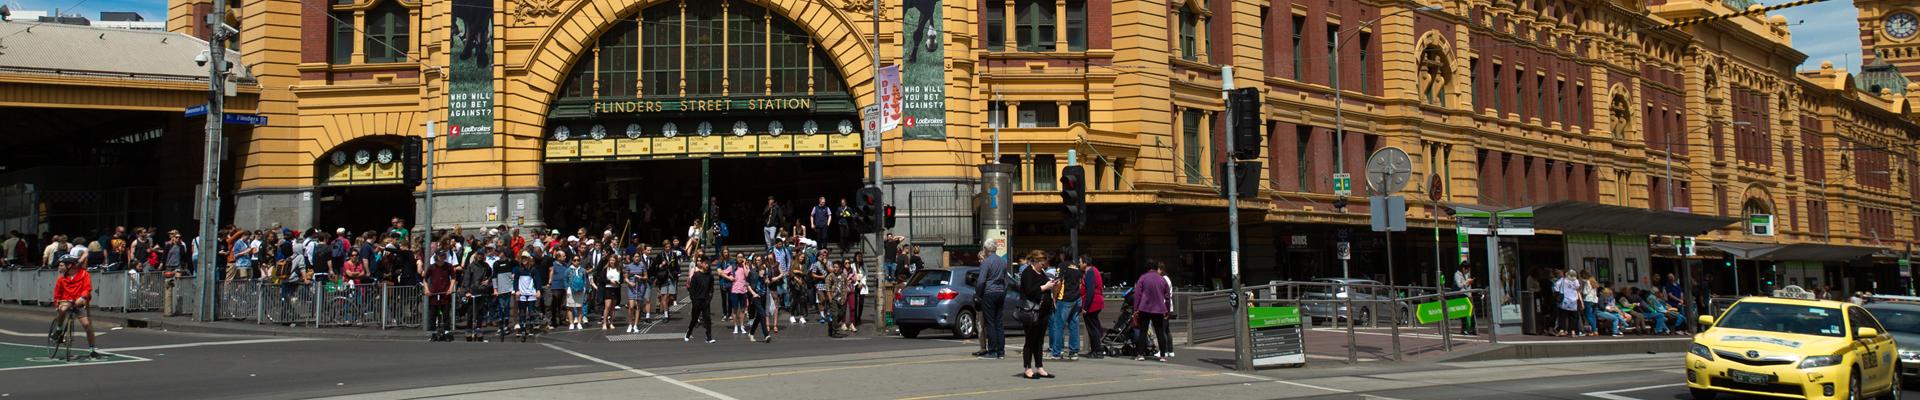 Flinders Street in Melbourne, Australia